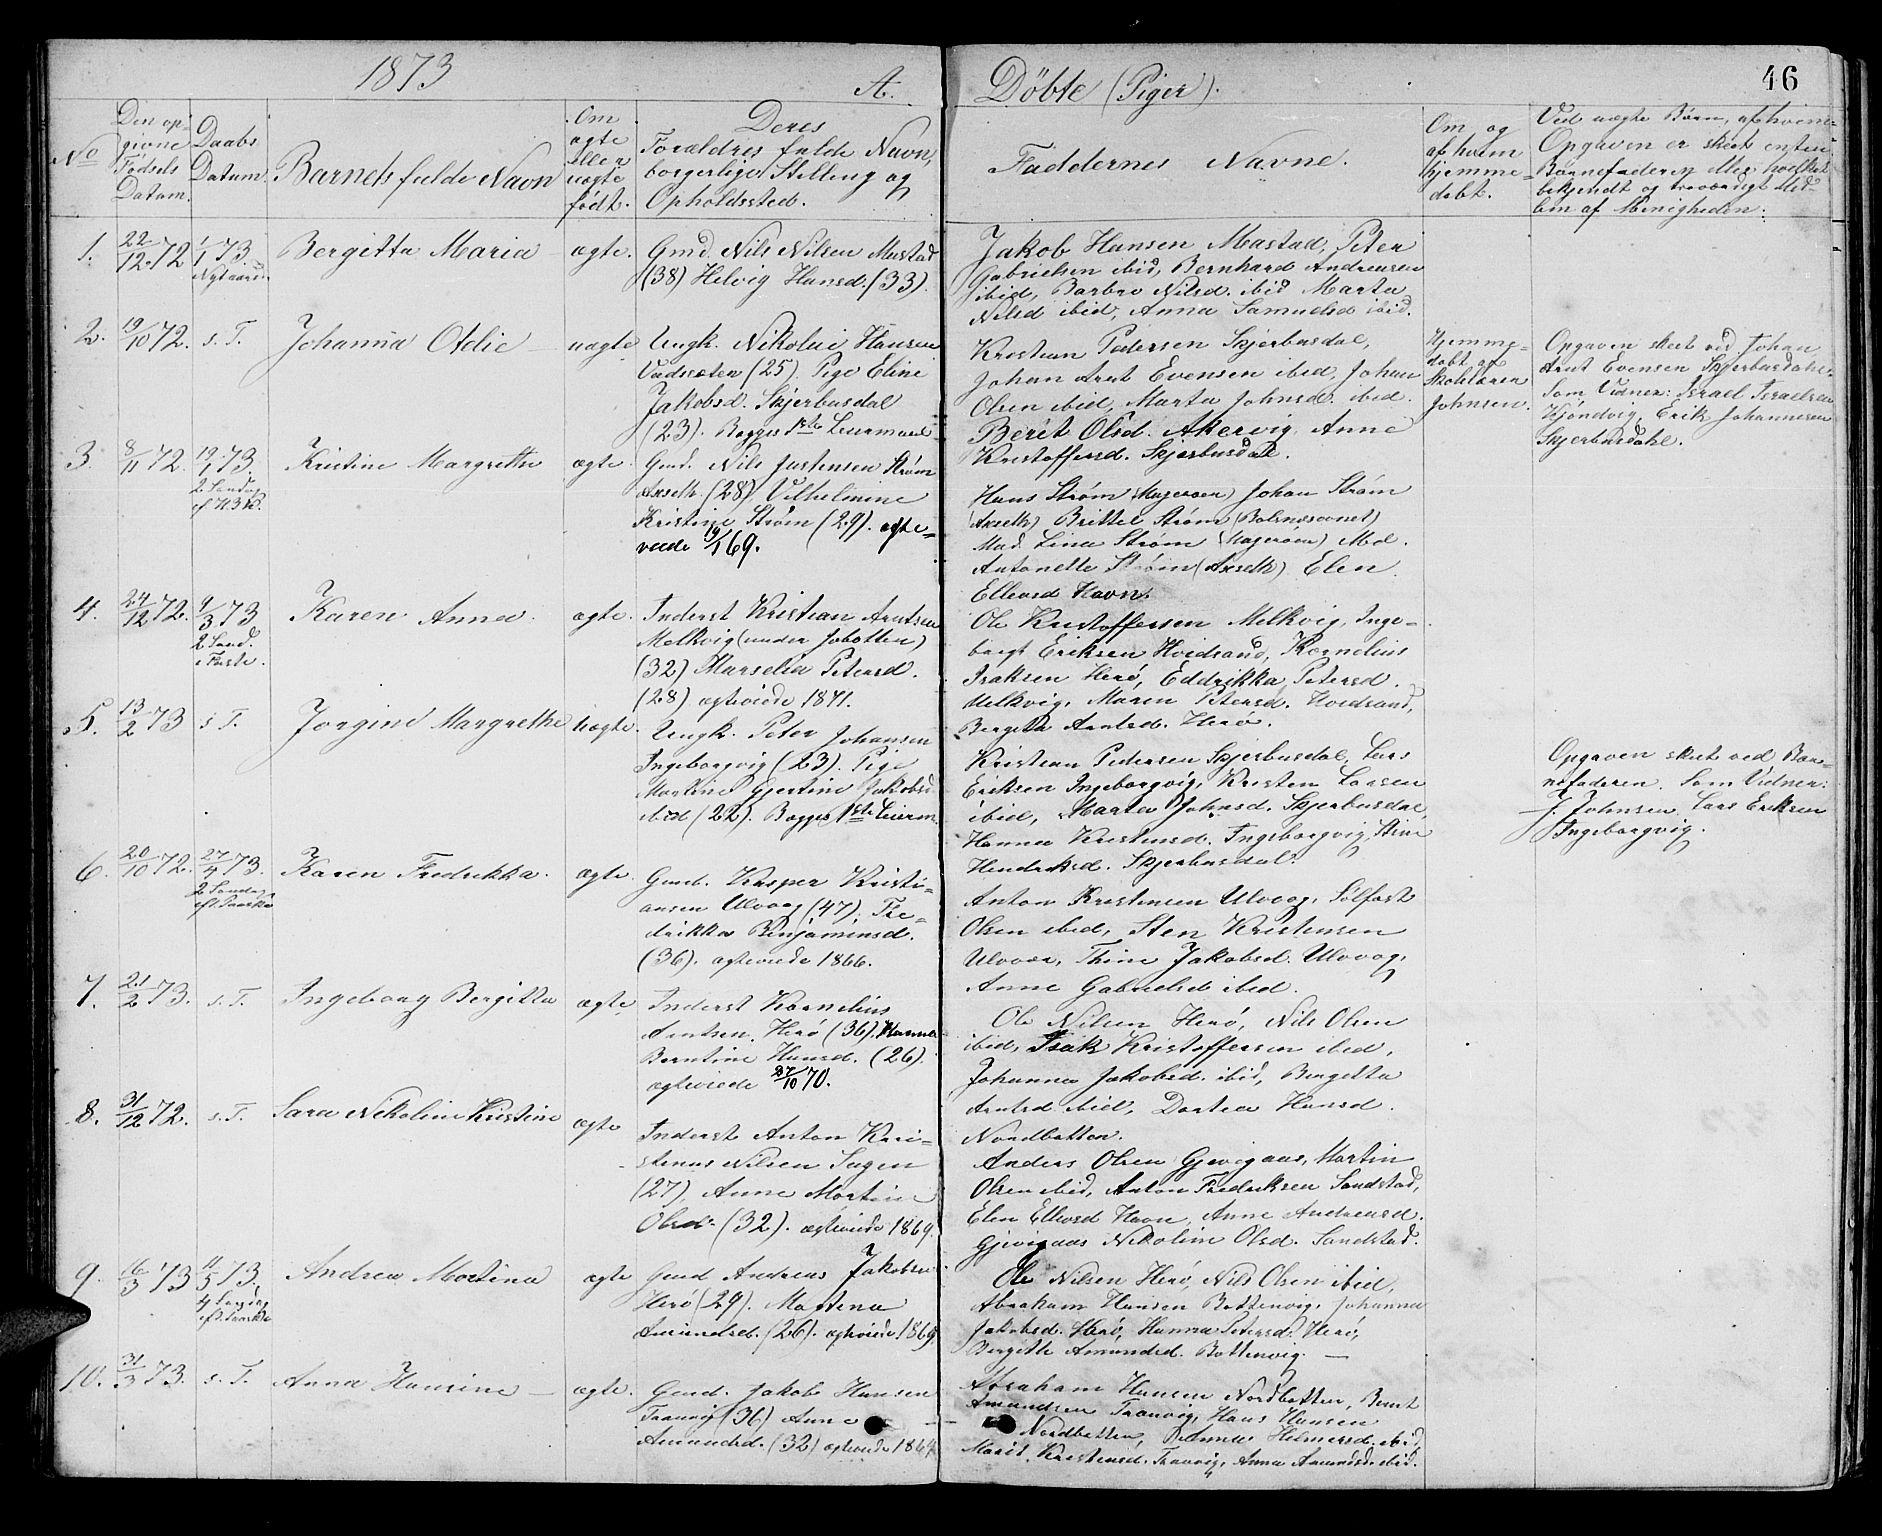 SAT, Ministerialprotokoller, klokkerbøker og fødselsregistre - Sør-Trøndelag, 637/L0561: Klokkerbok nr. 637C02, 1873-1882, s. 46